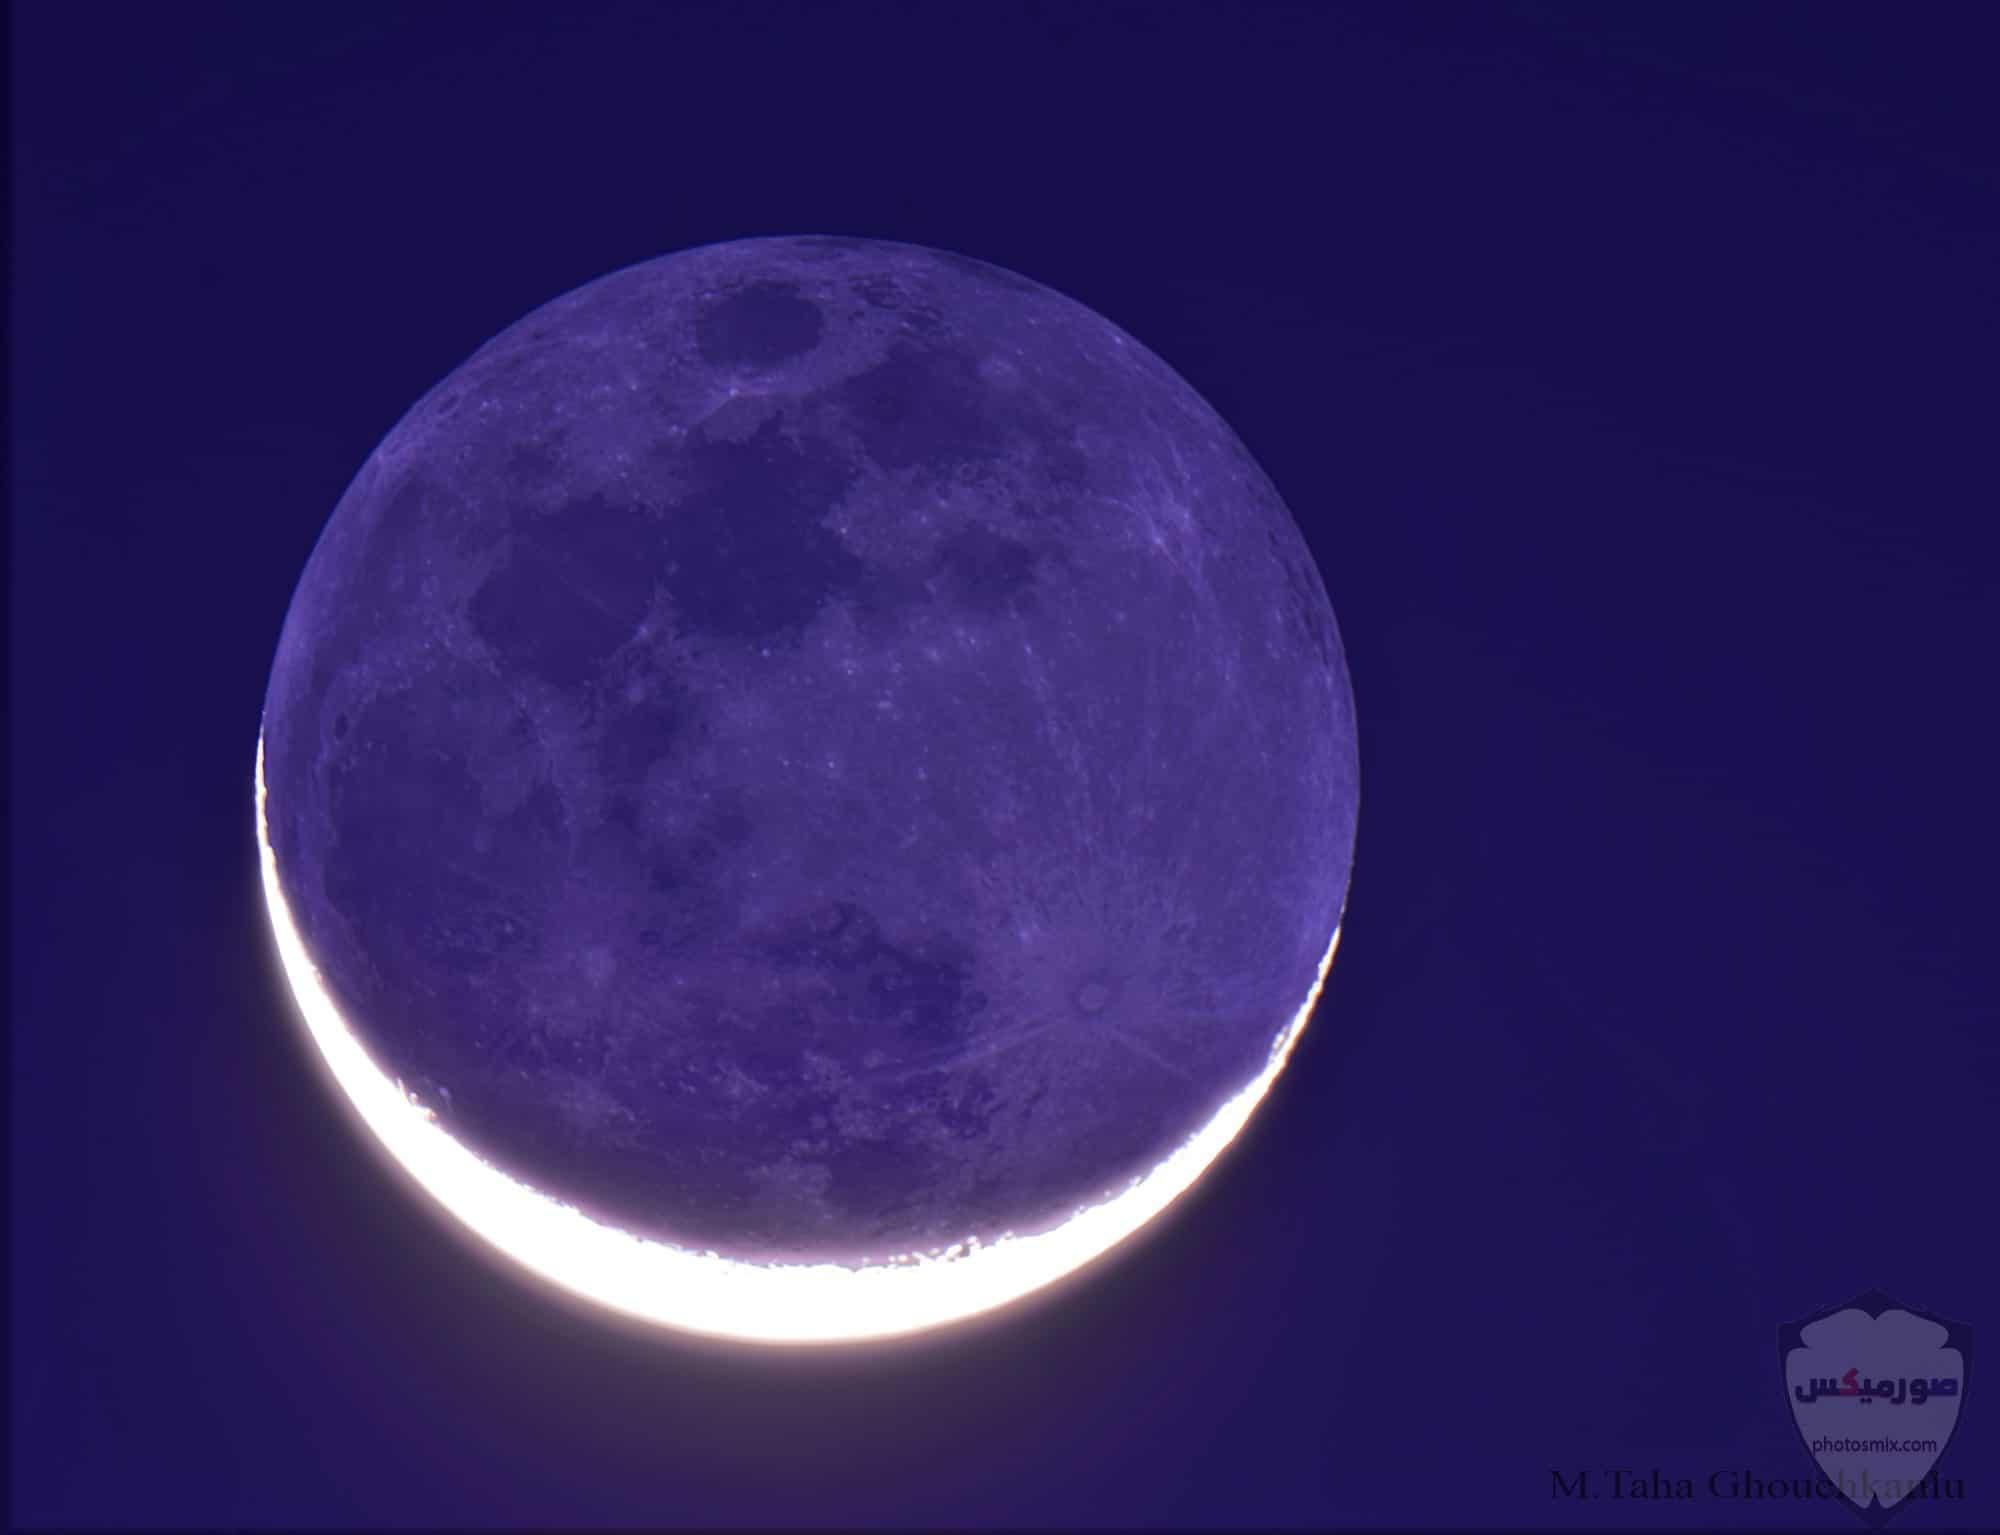 خلفيات قمر وبحر خلفيات القمر والنجوم خلفيات قمر للايفون 10